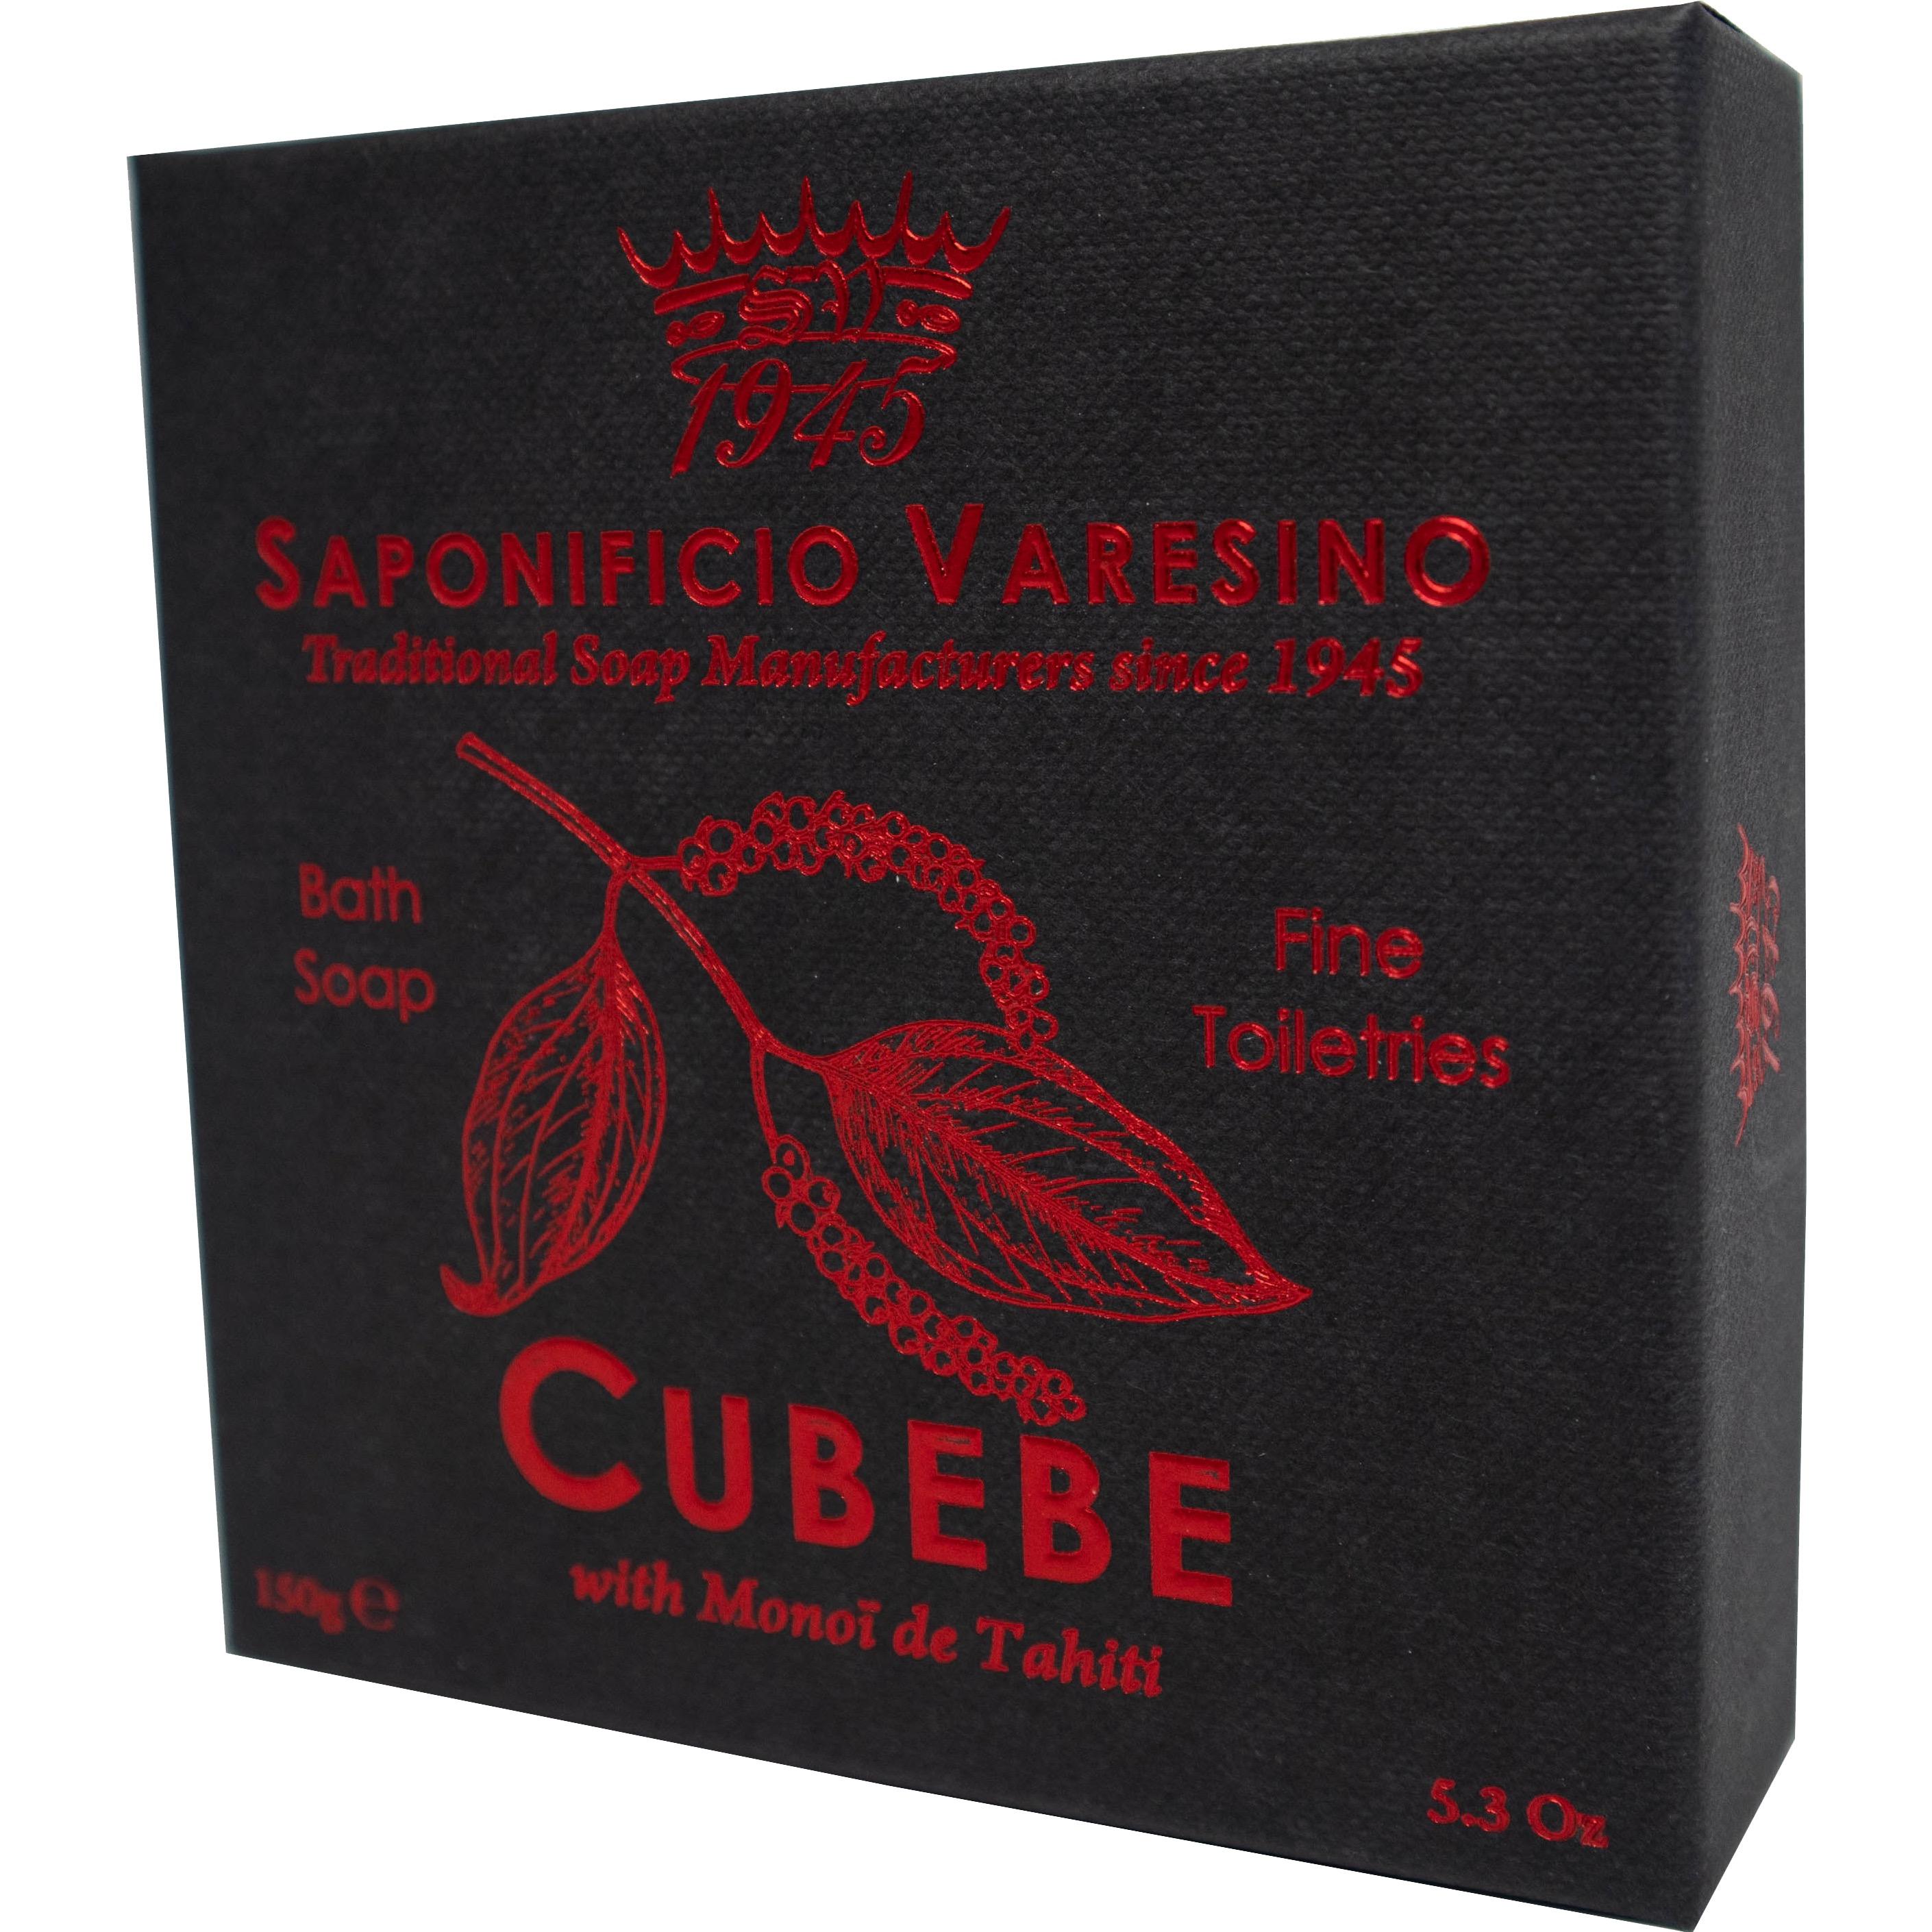 Hand- & Body Soap Cubebe